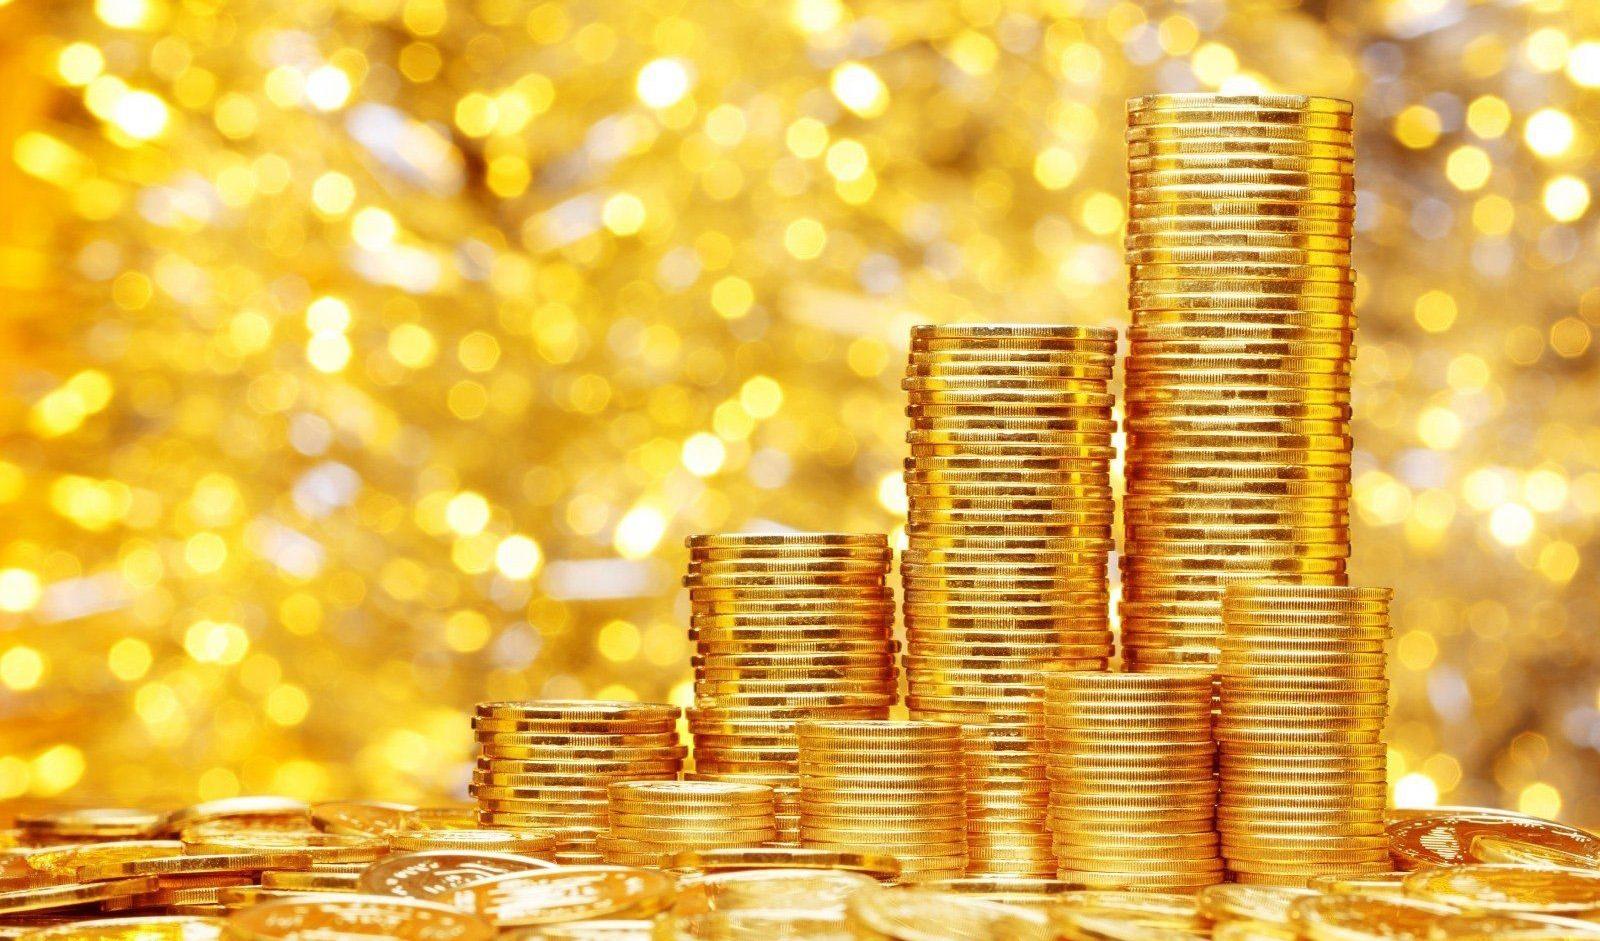 قیمت سکه ۷ مرداد ۱۴۰۰ به ۱۱ میلیون و ۱۱۷ هزار تومان رسید